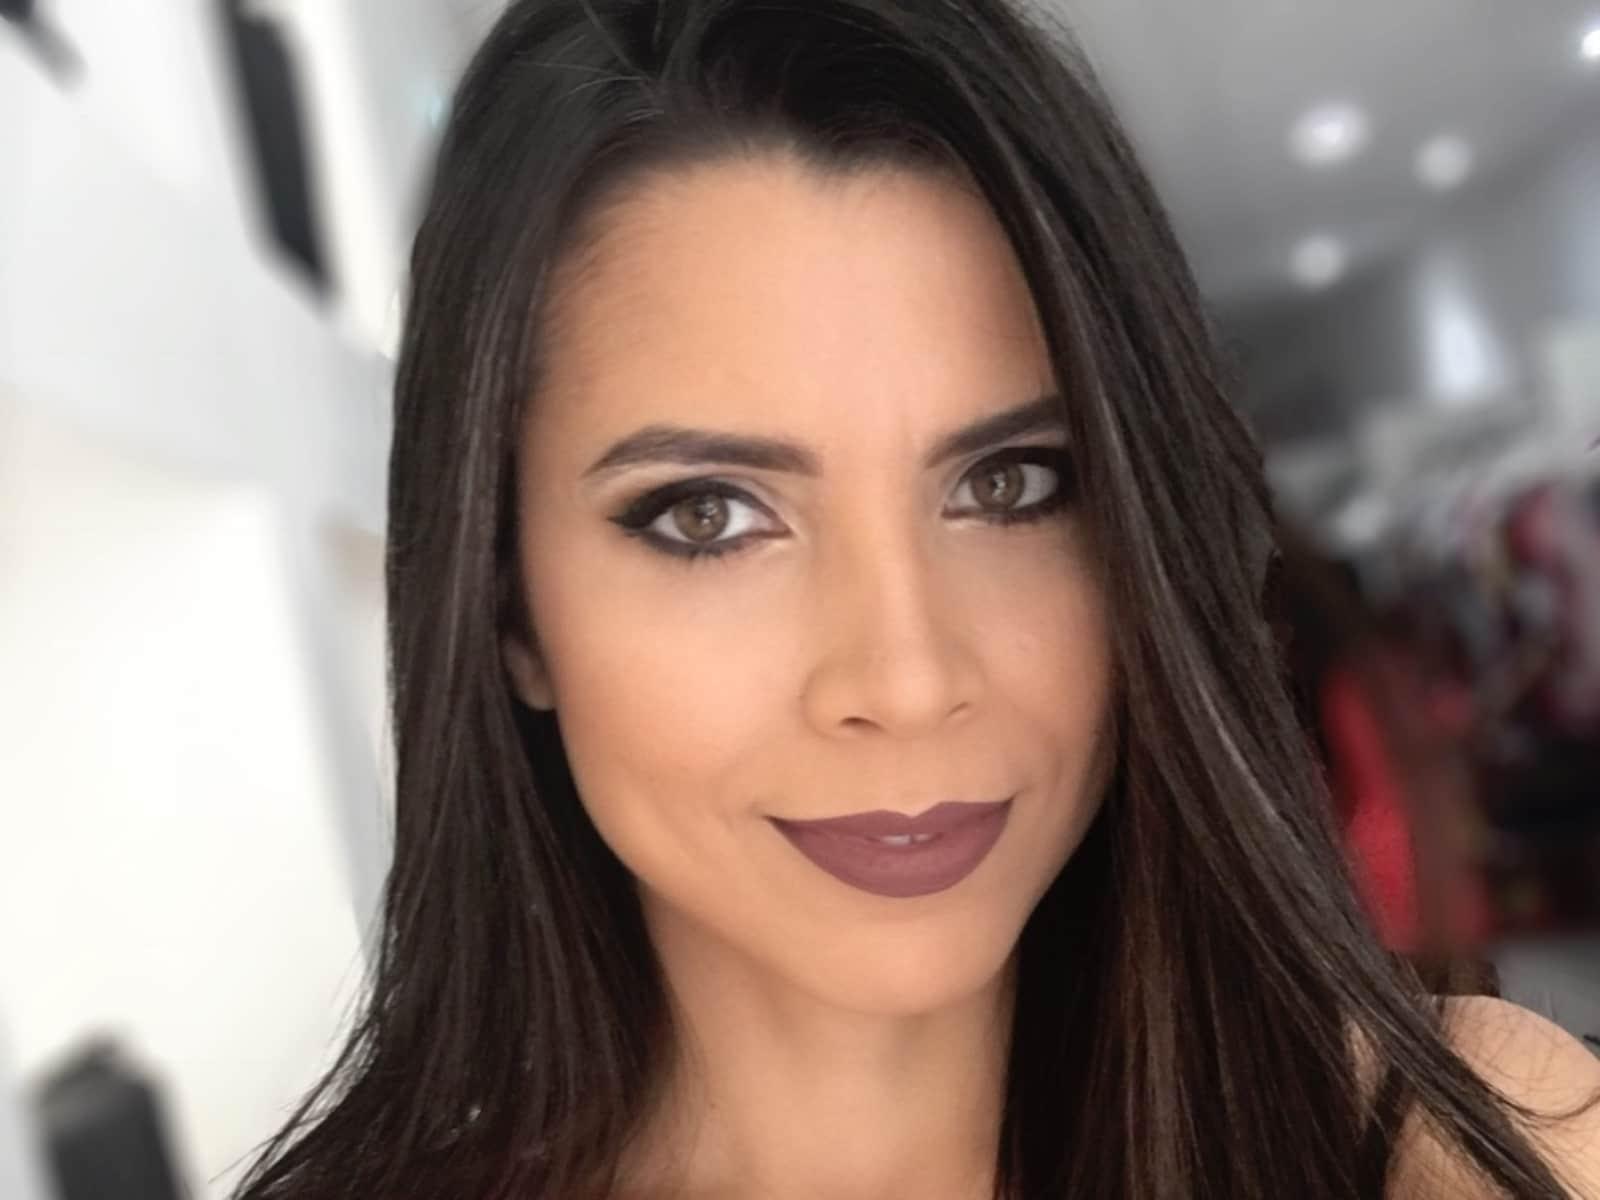 Sarah from Salvador, Brazil